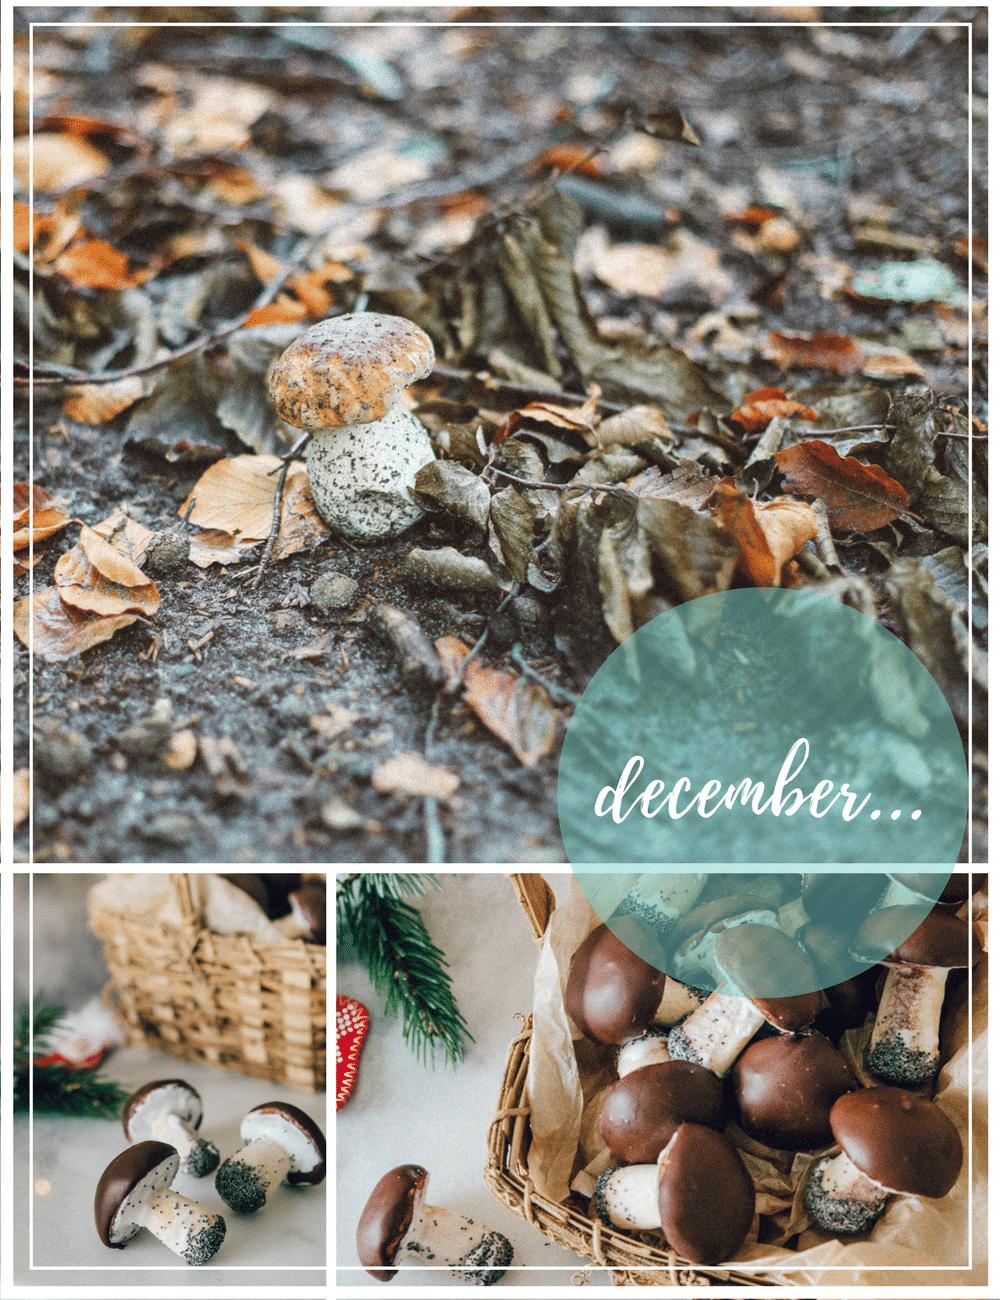 svampe småkager, champignon cookies, hjemmebag, familieprojekt